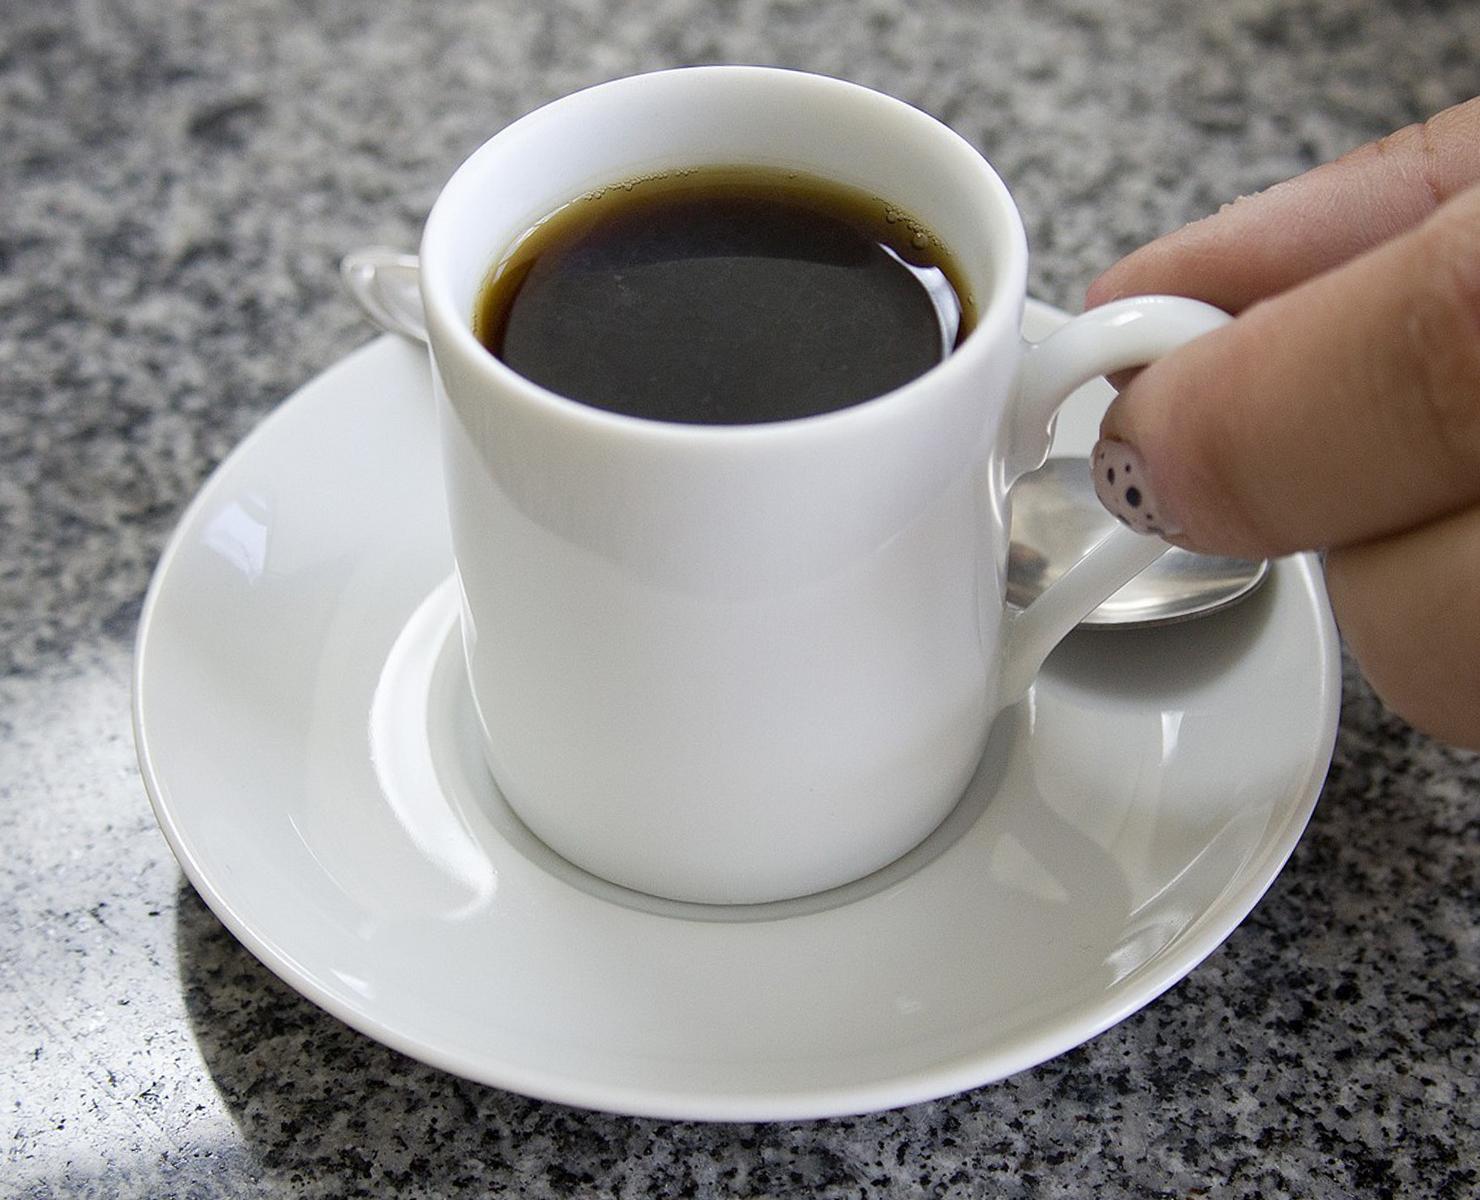 CAFÉ DA MANHÃ: 9,4% MAIS CARO PRO BRASILEIRO